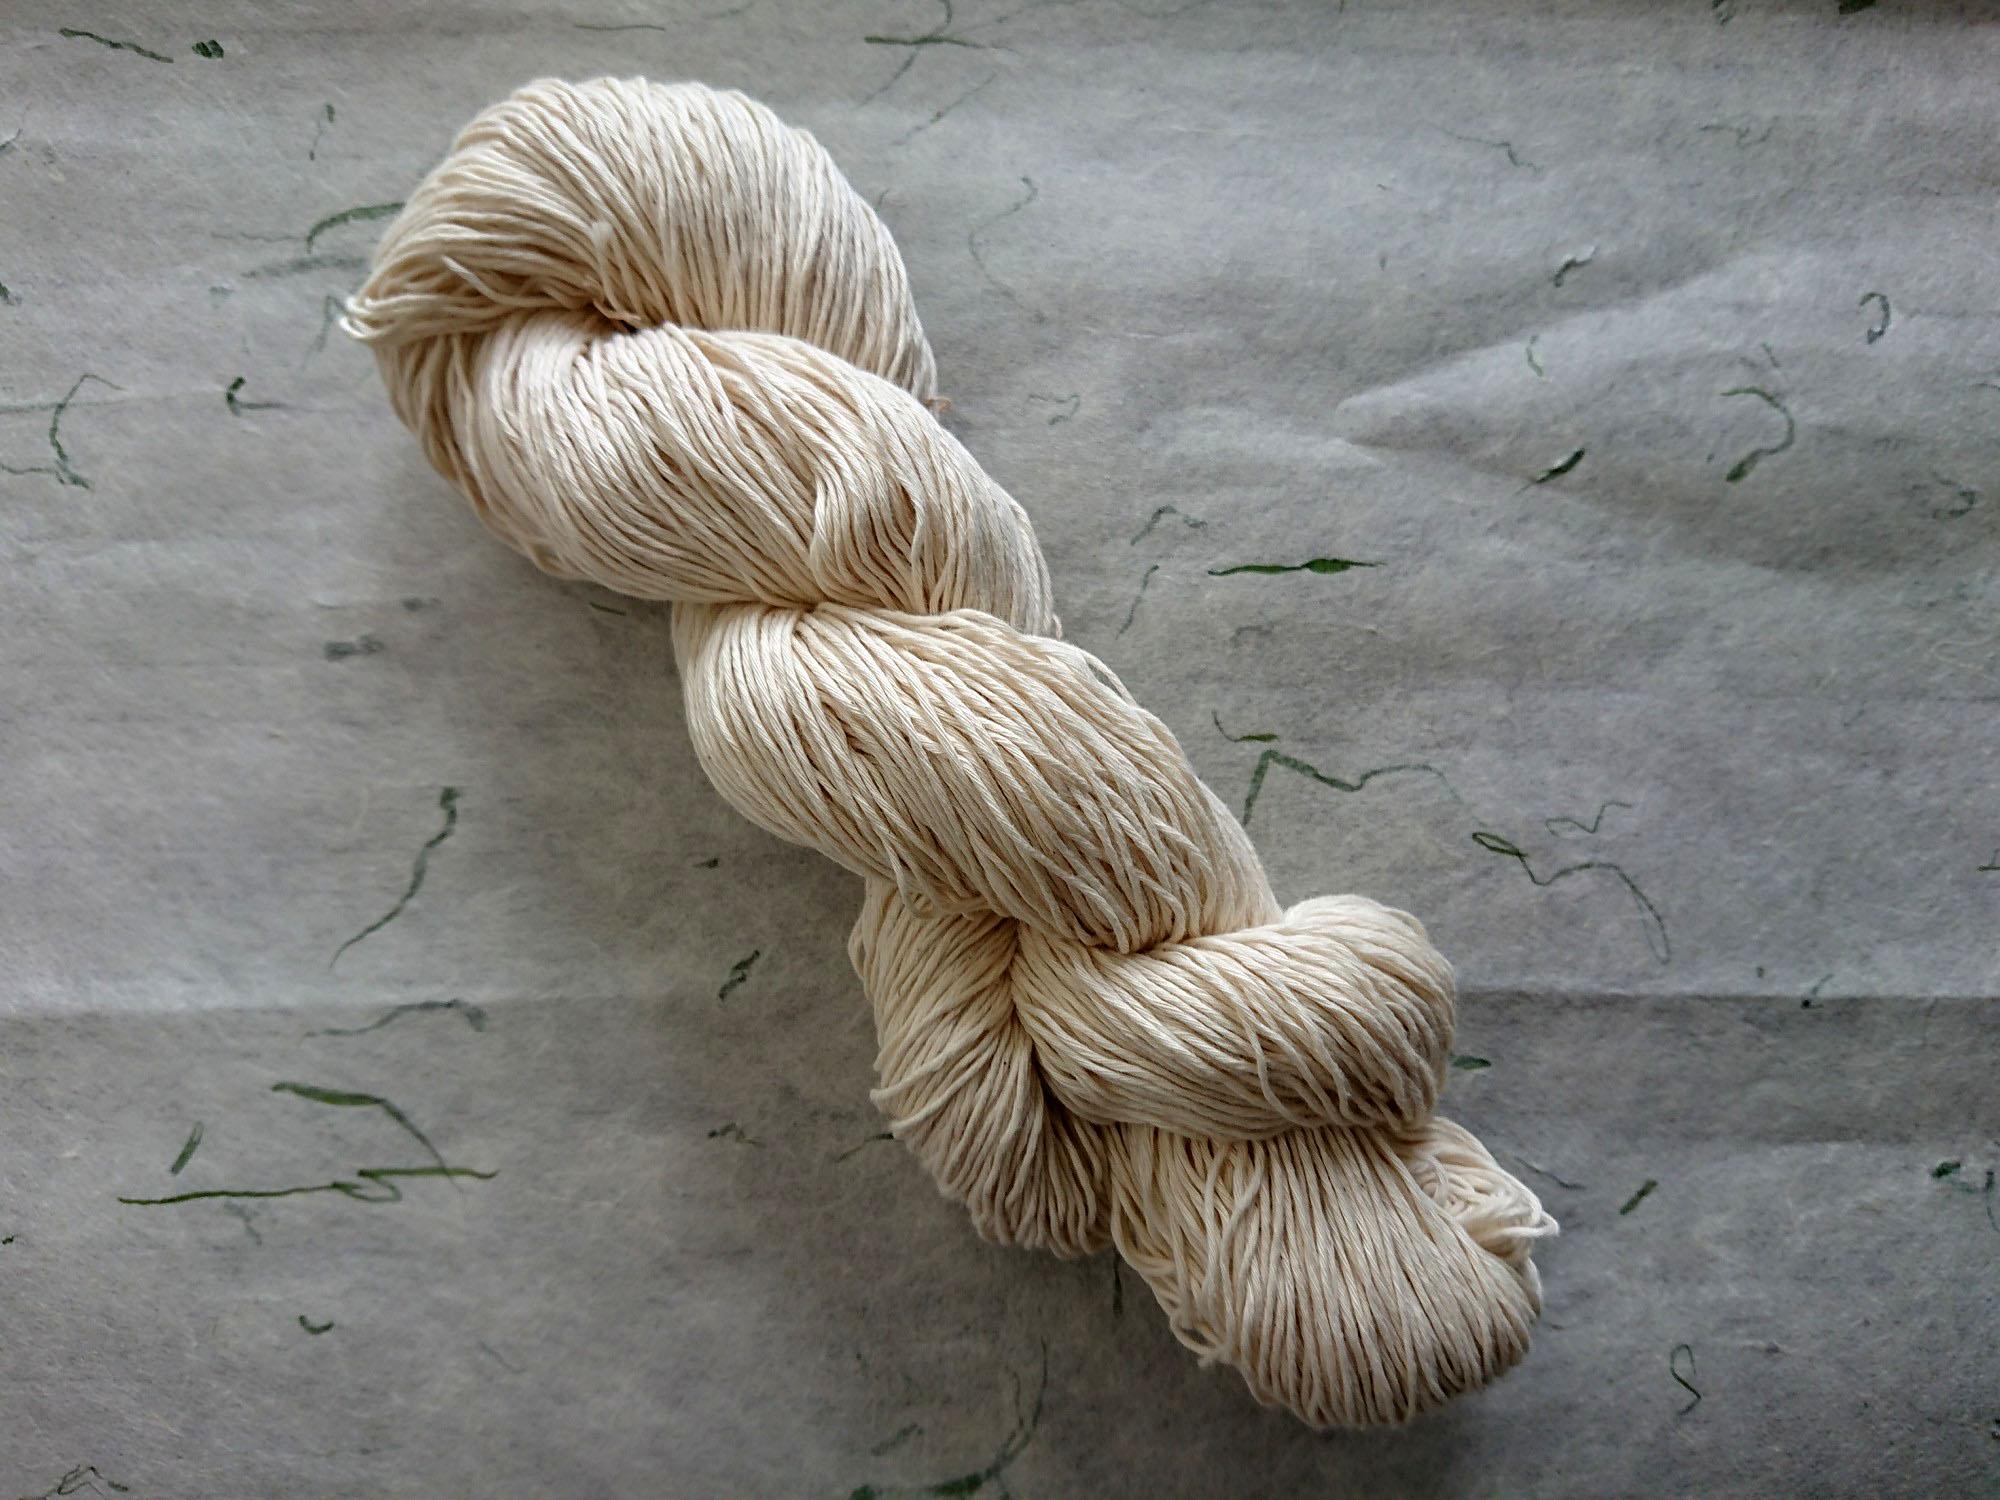 綿糸 10本 こぎん糸